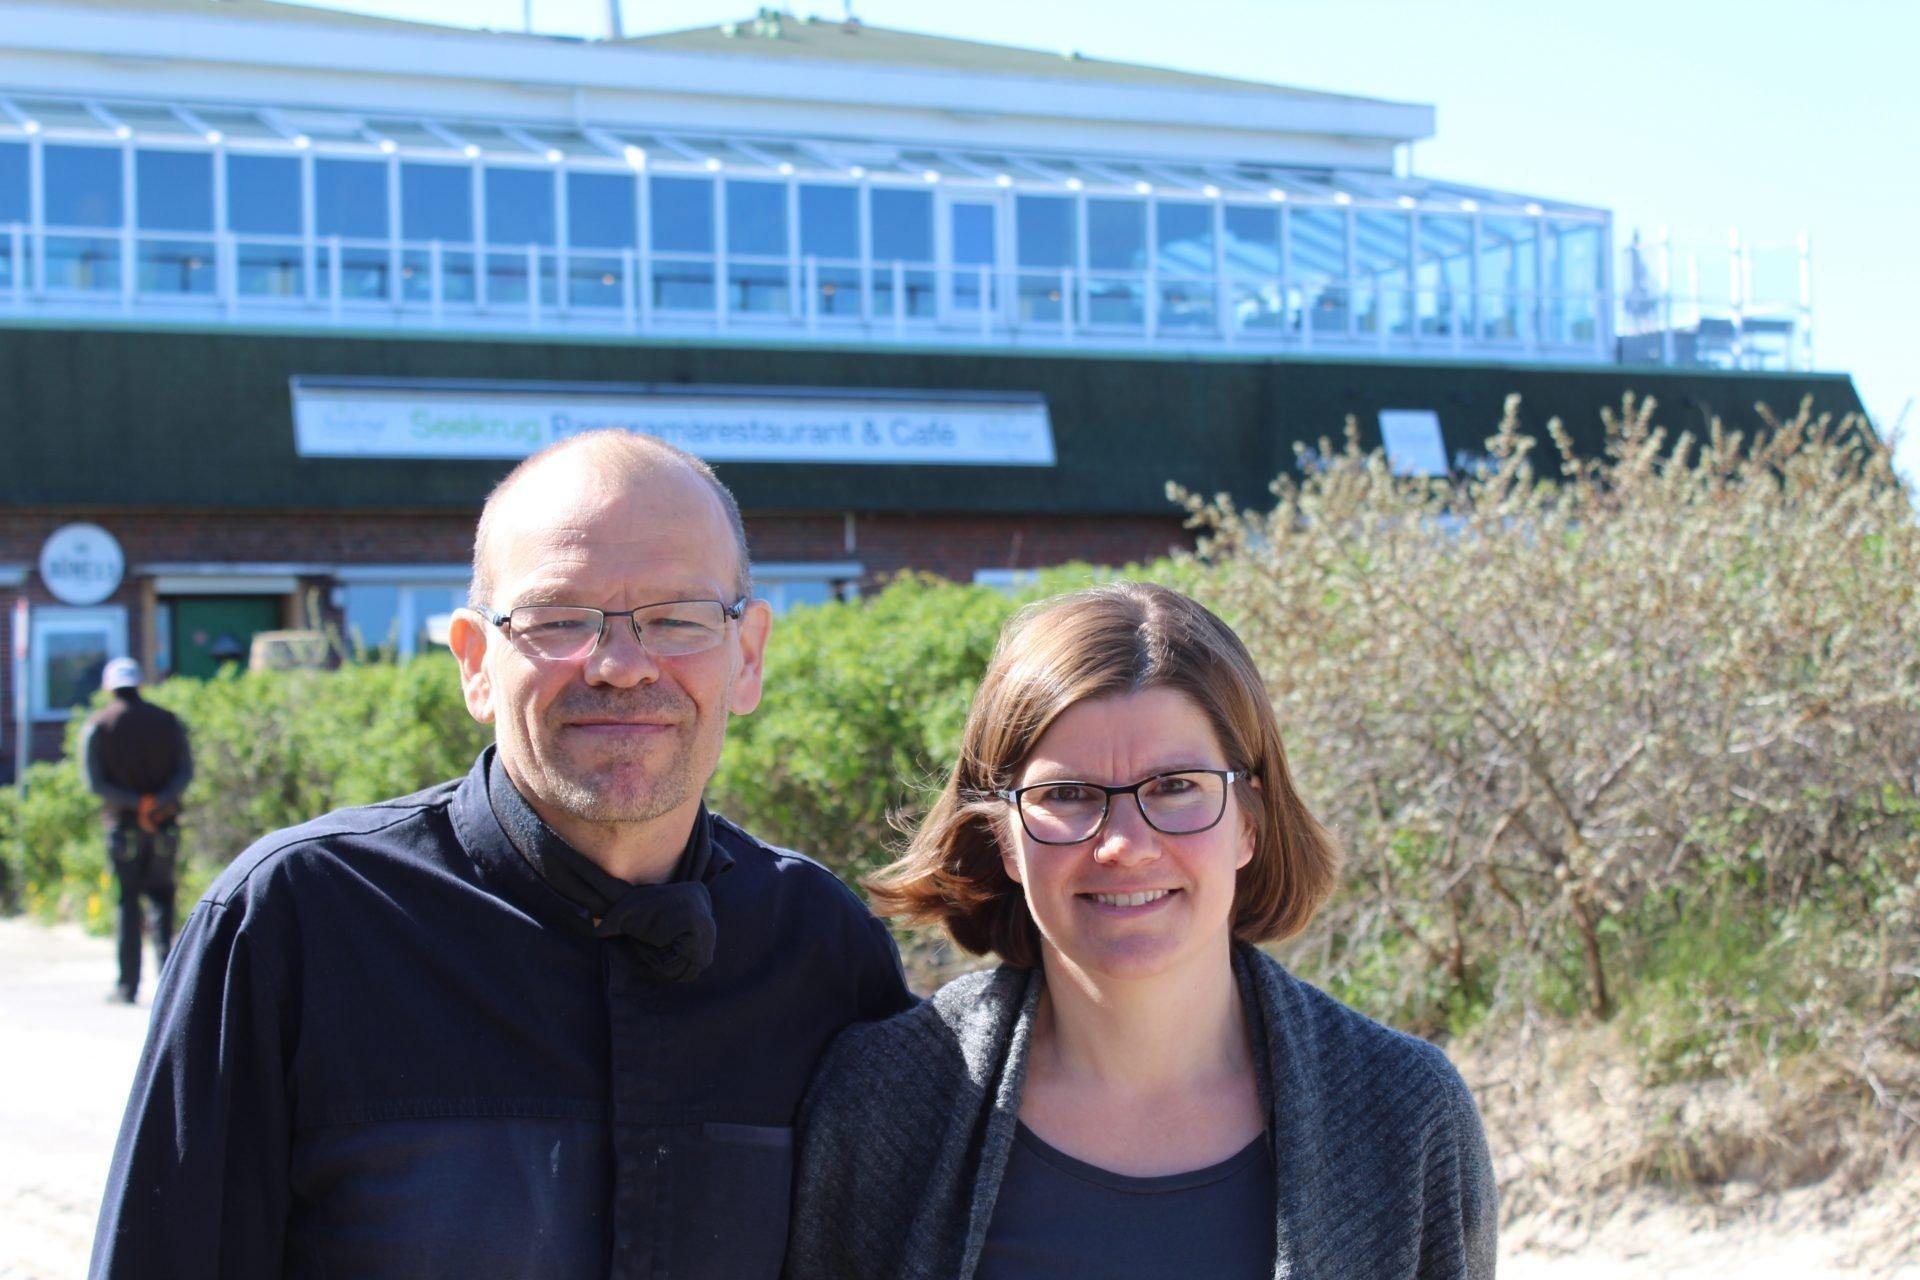 Maike und Michael Recktenwald vor ihrem Restaurant auf Langeoog, dessen Existenz sie vom Klimawandel bedroht sehen.